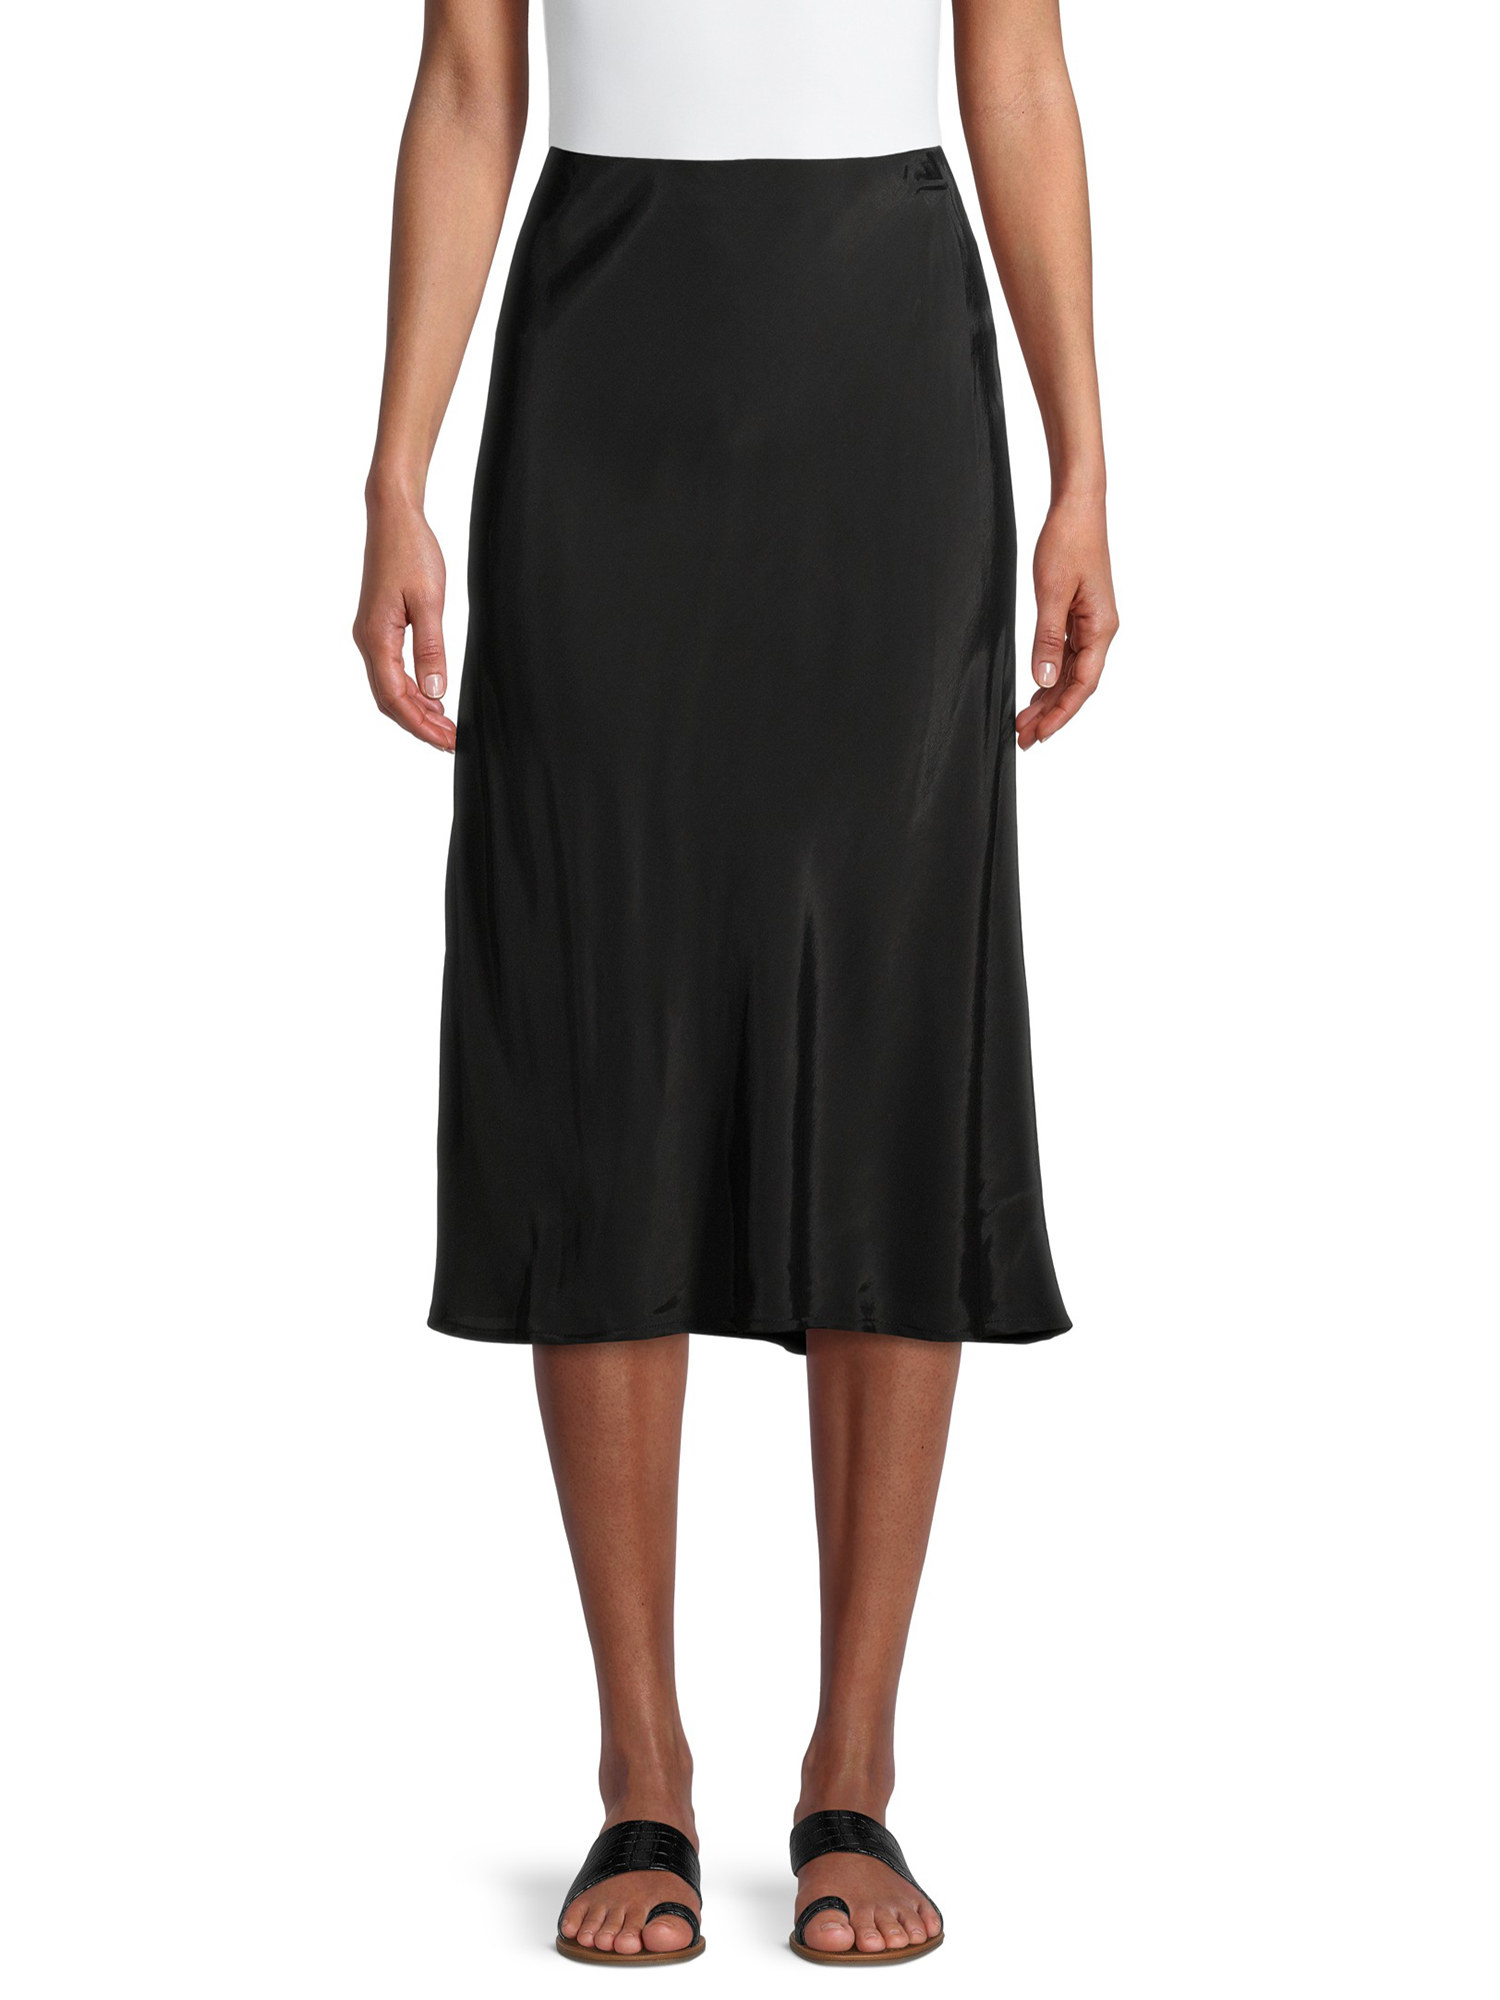 Model wearing black skirt